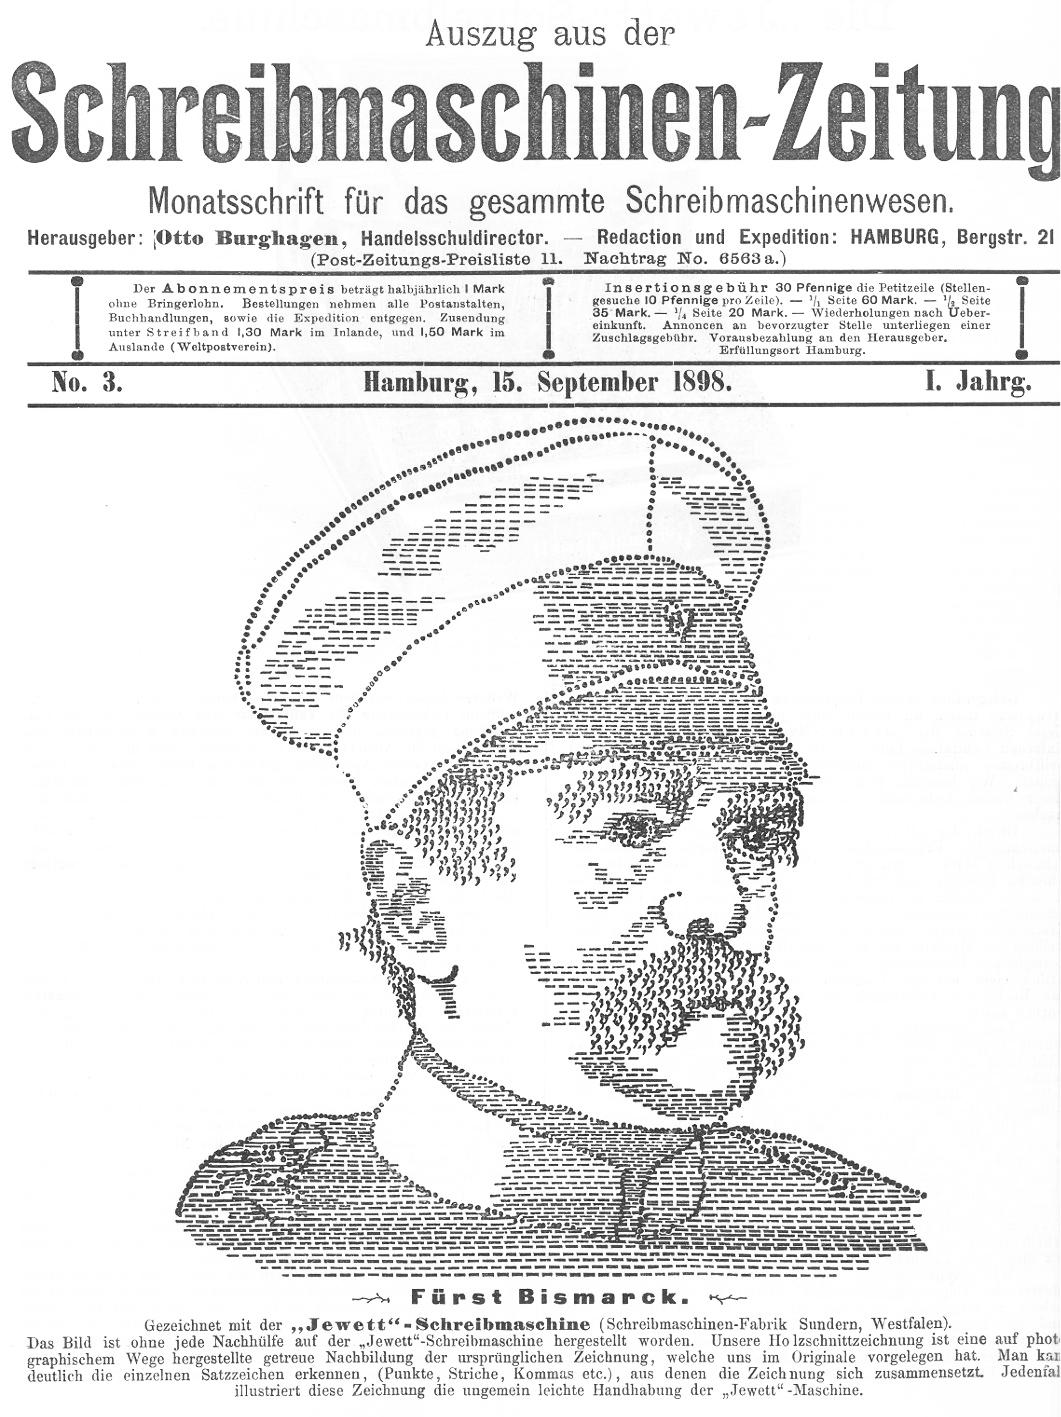 """Die ASCII-Art von Otto von Bismarck wurde am 15. September 1898 (sechs Wochen nach seinem Tod) auf der Titelseite der """"Schreibmaschinen-Zeitung"""" (Jg. 1, Nr. 3 vom 15. September 1898) veröffentlicht"""